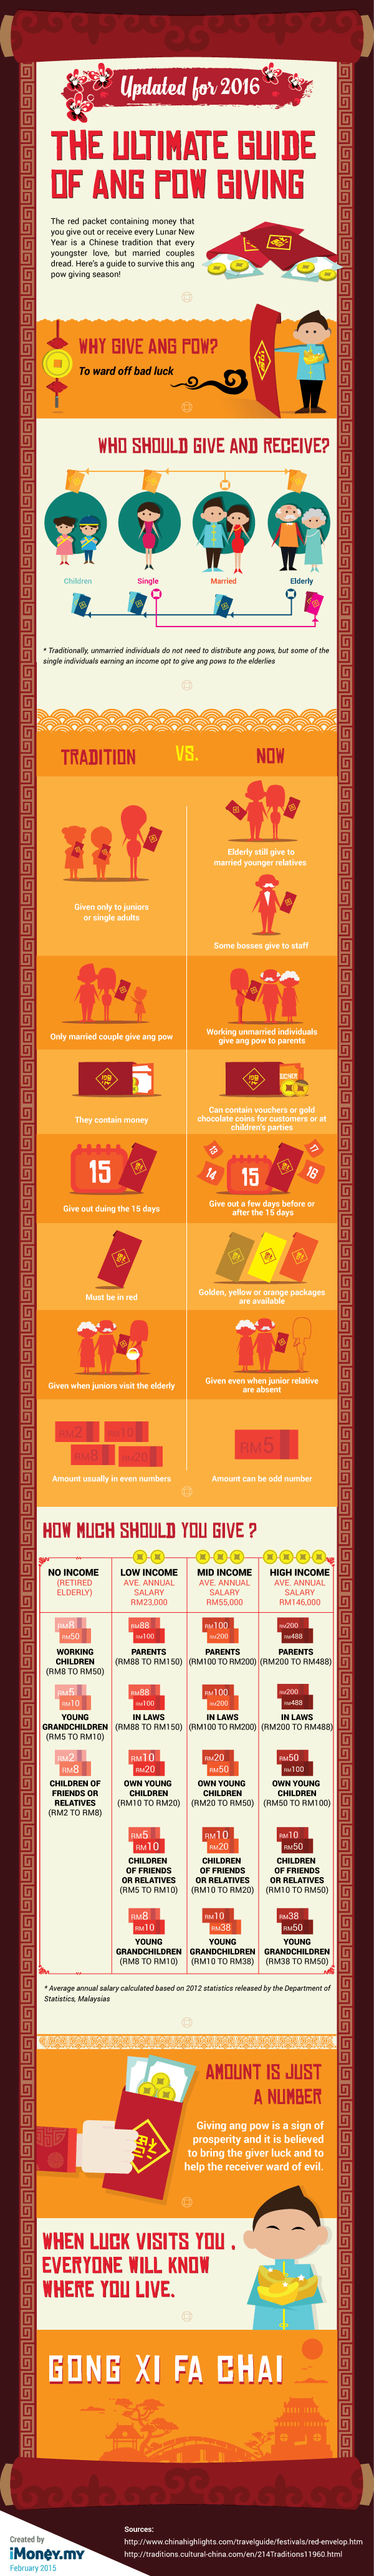 Ang Pow Guideline 2016